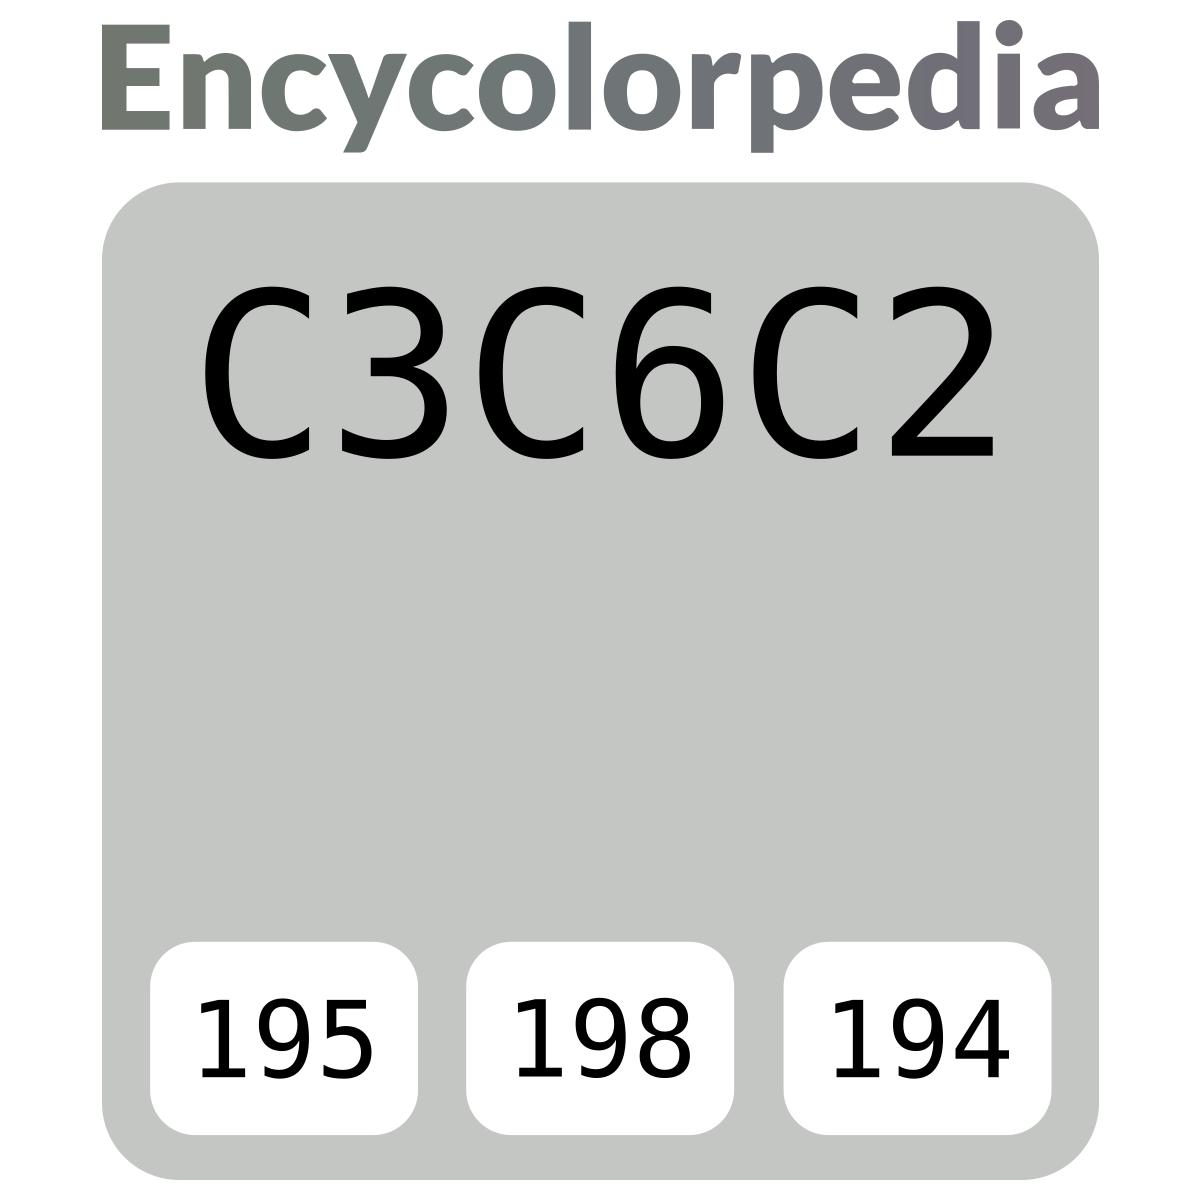 Tabella Colori Sikkens Ral sikkens kn.01.74 (ral 7035) / #c3c6c2 schema codici per